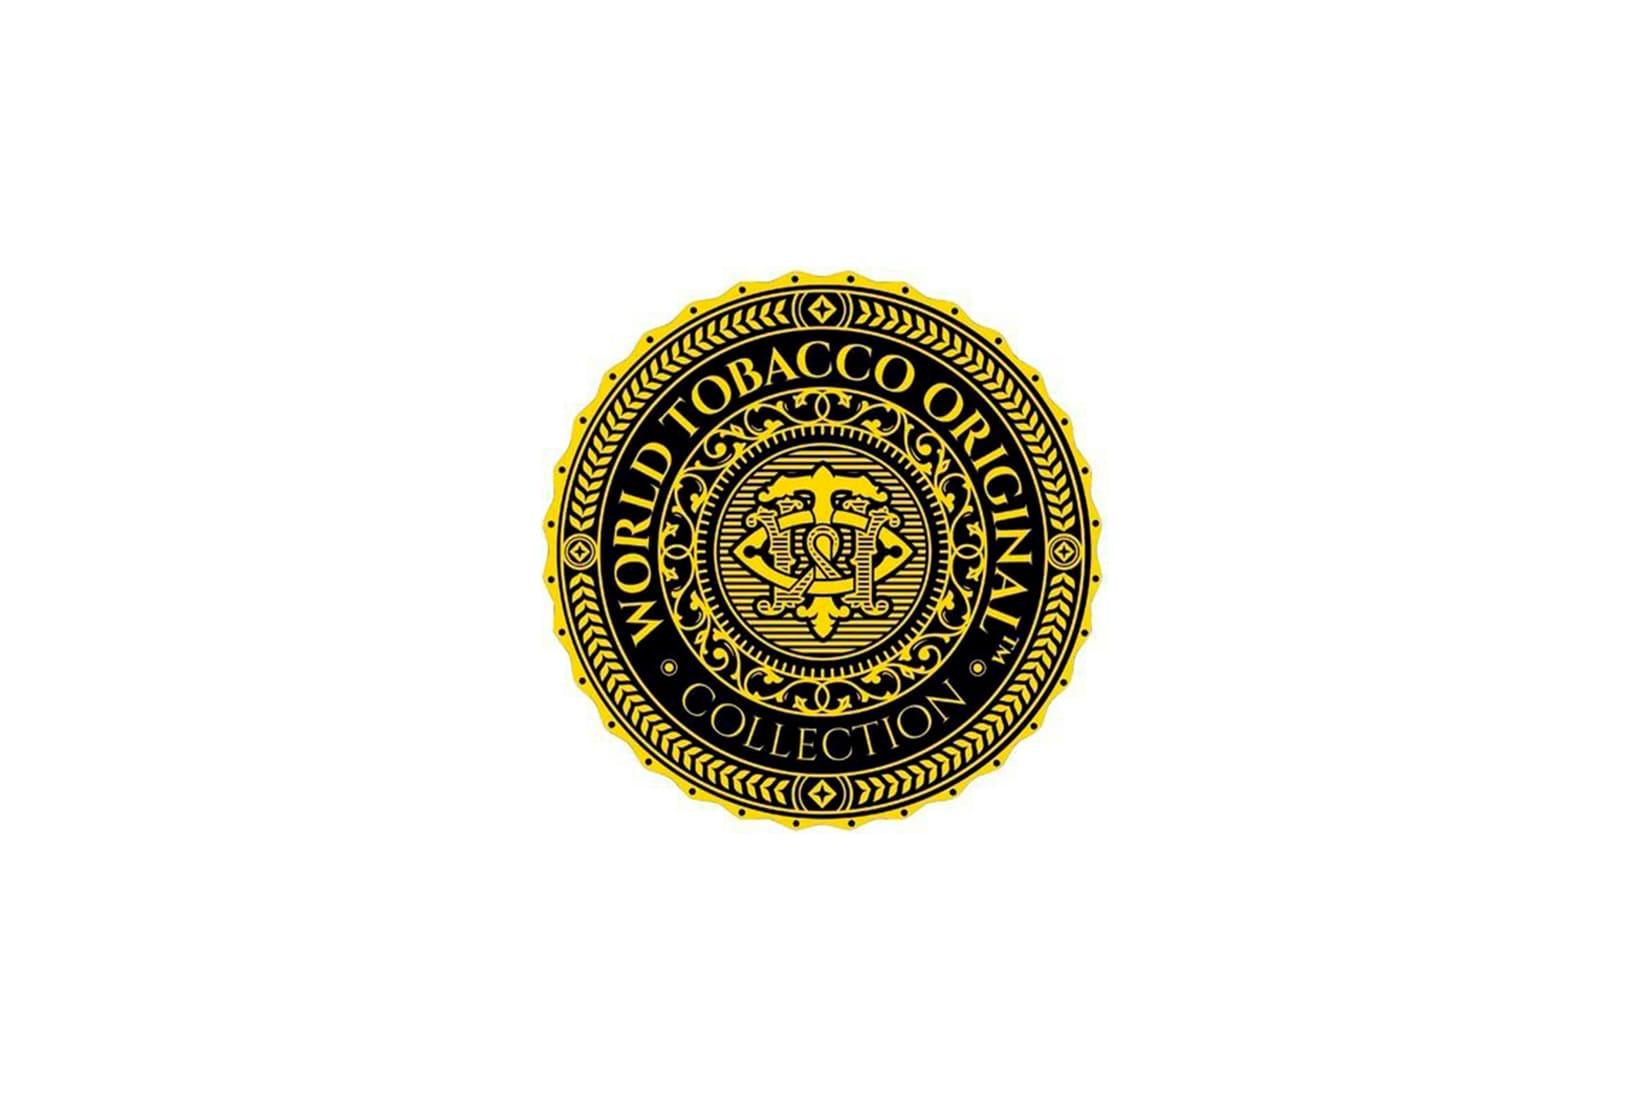 Табак для кальяна WTO (World Tobacco Original): описание, вкусы, миксы, отзывы